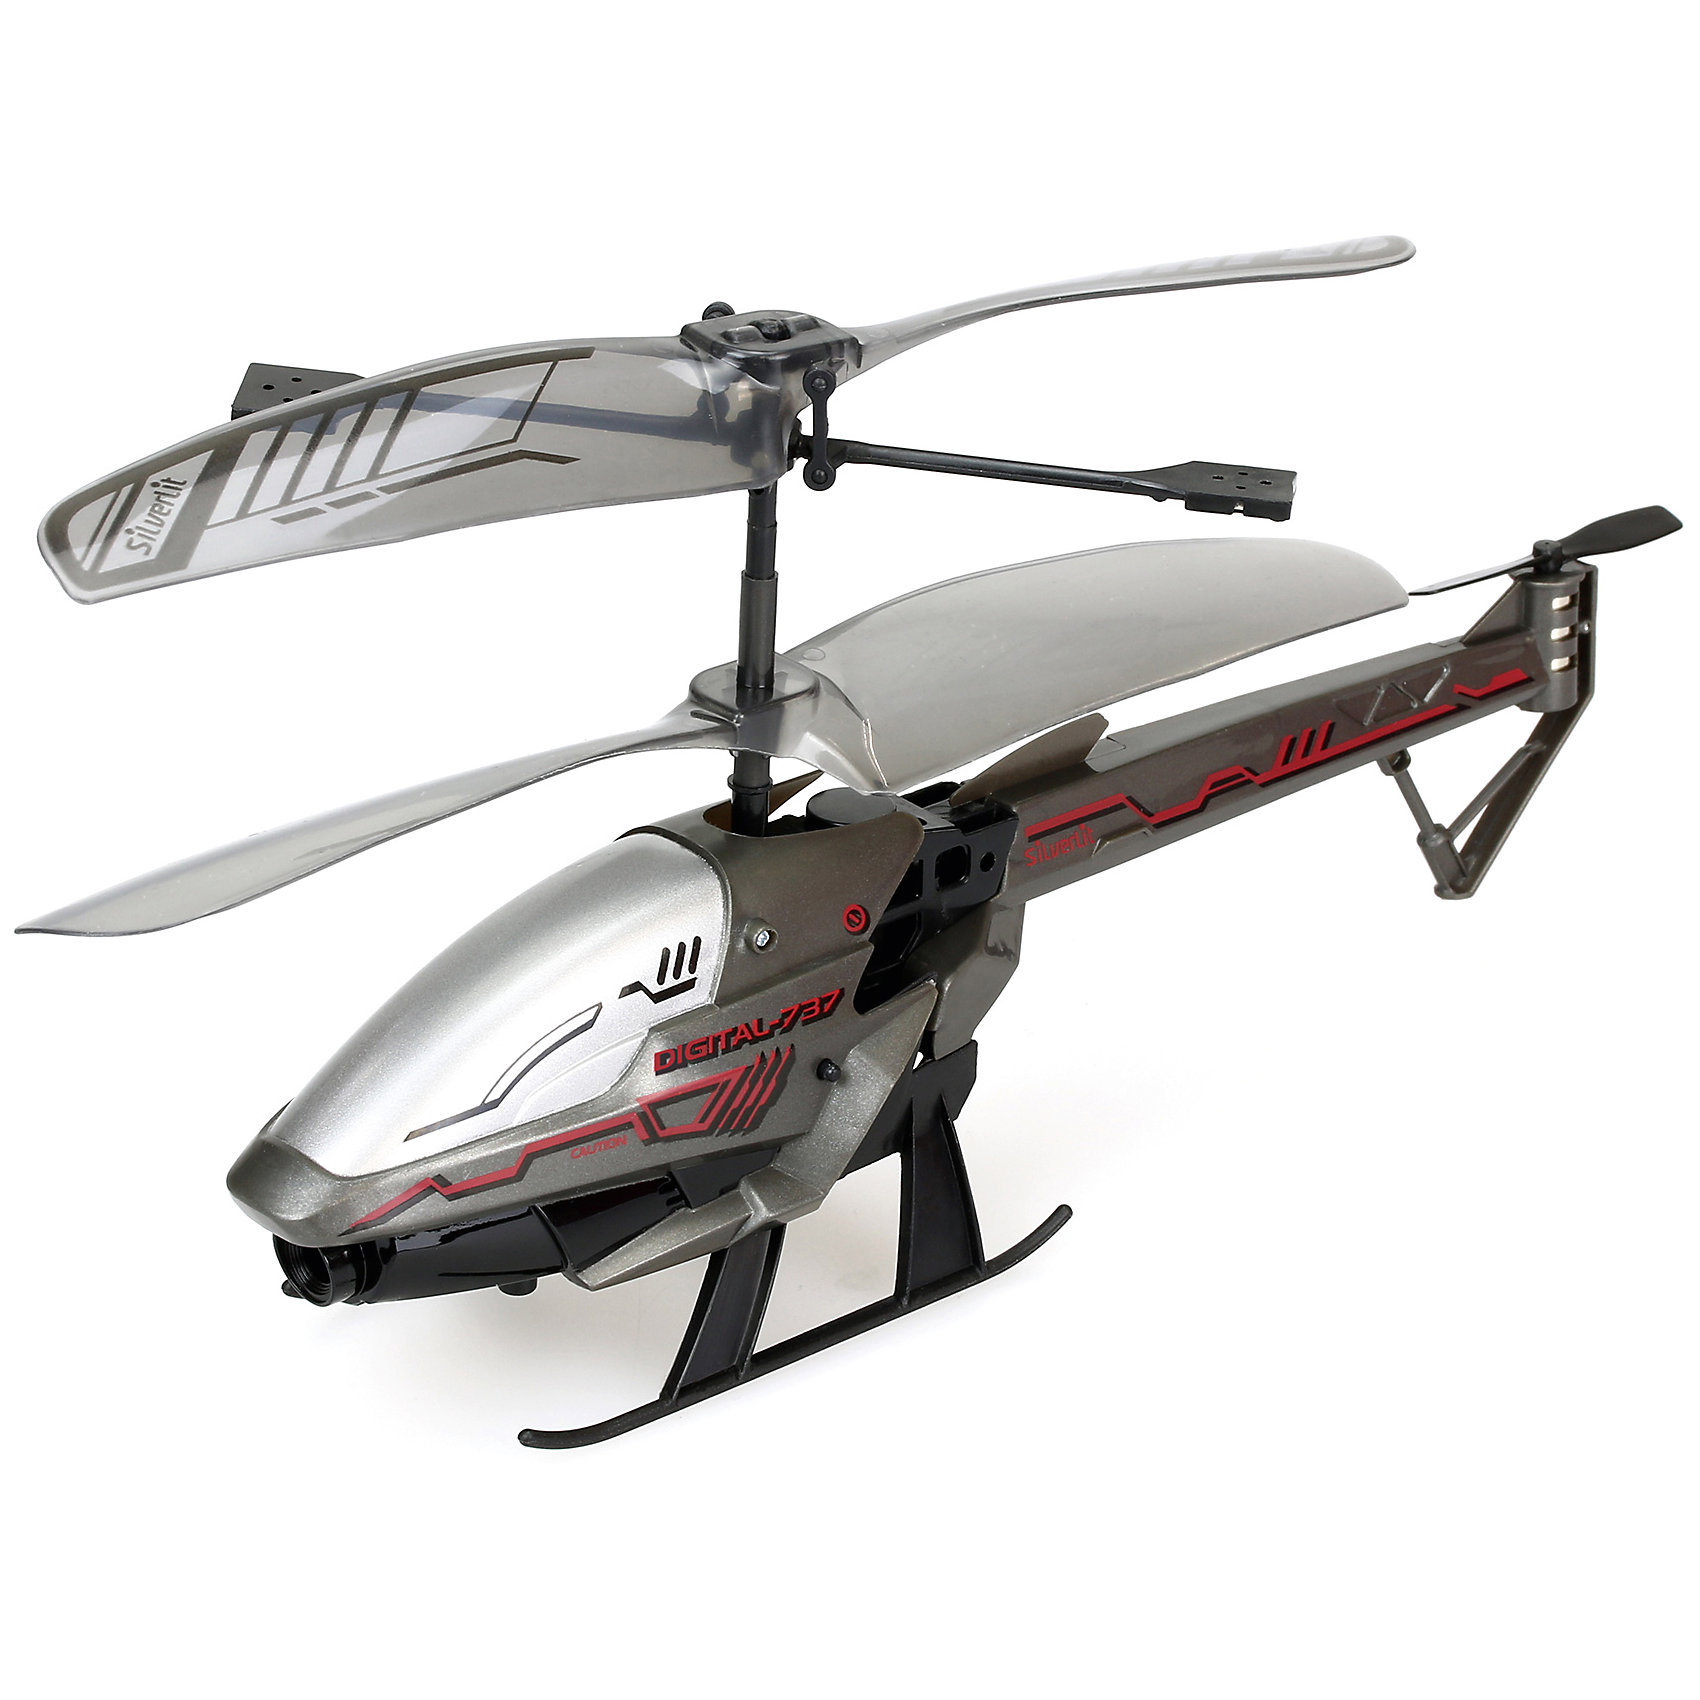 silverlit silverlit вертолет со стрелами helli blaster на радиоуправлении 3х канальный Silverlit Вертолет 3-х канальный Spy Cam 3 с камерой, Silverlit